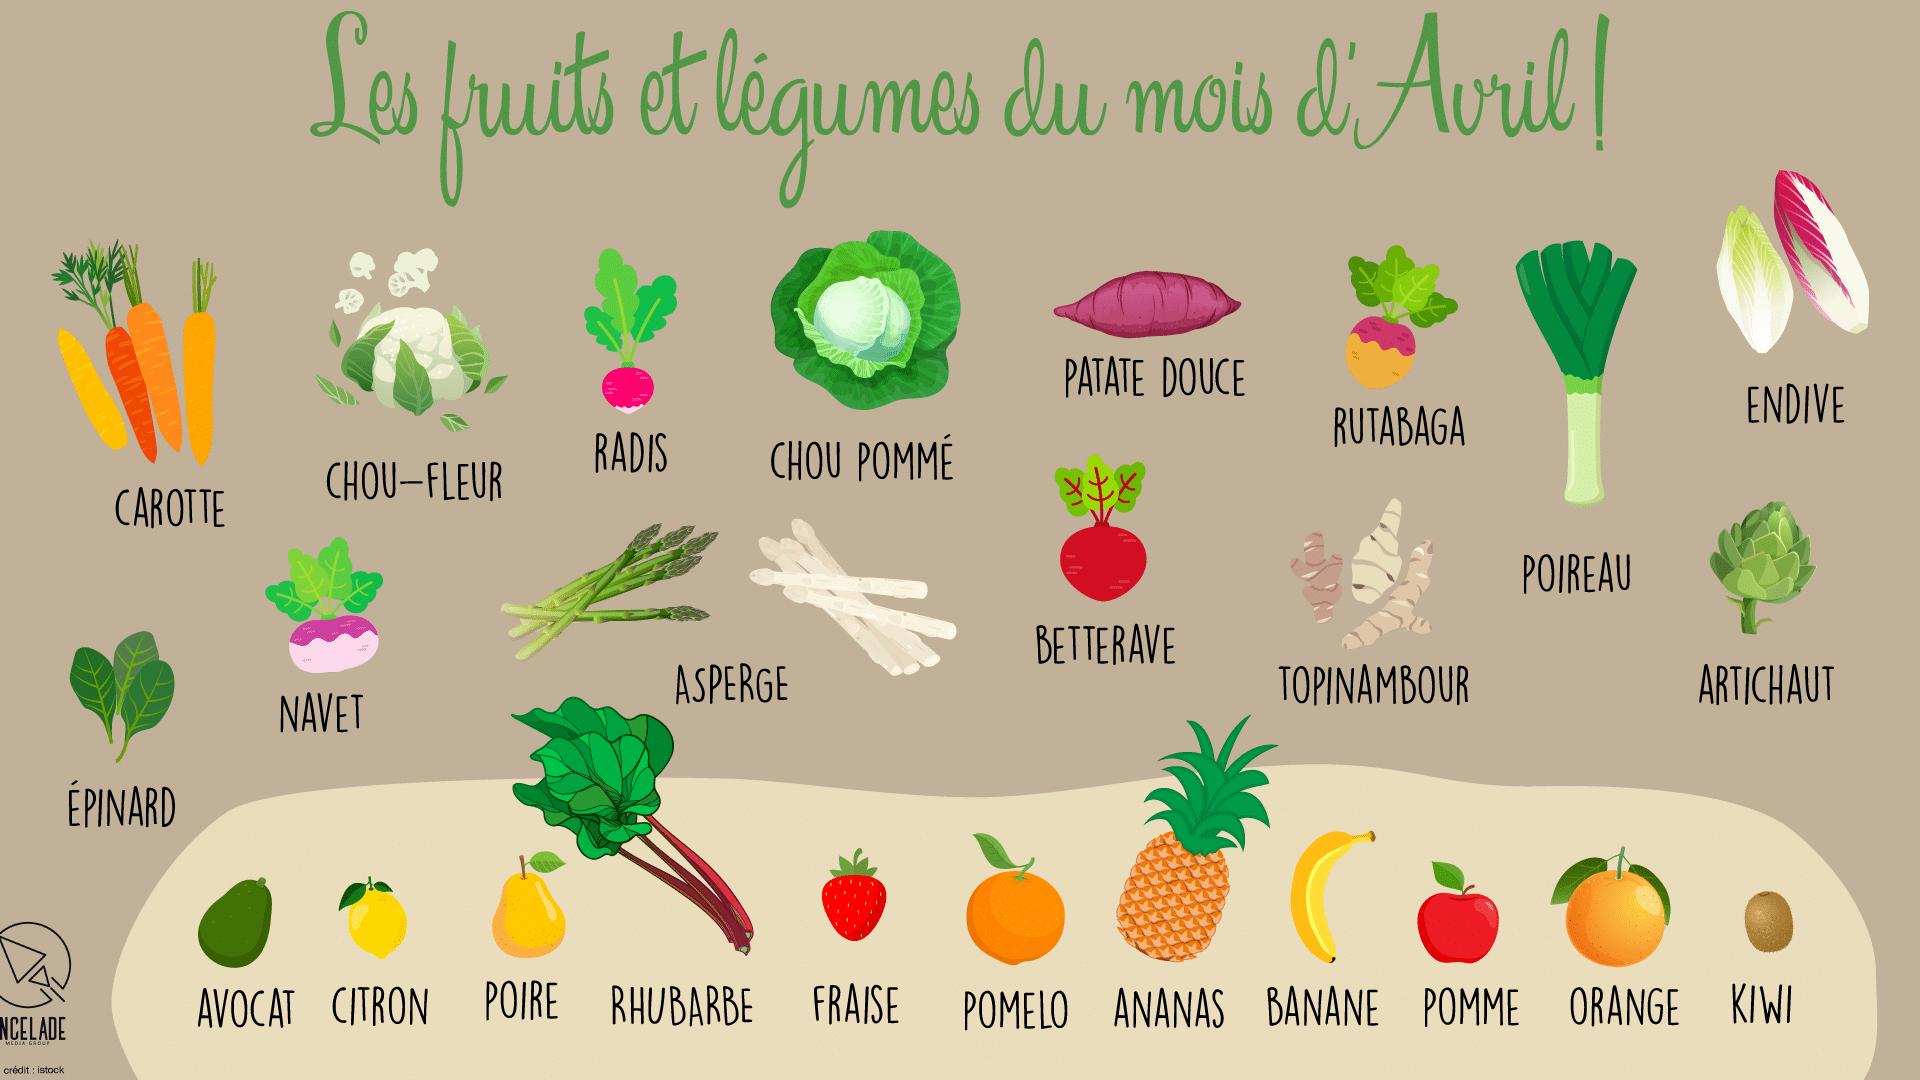 Les fruits et légumes du mois d' Avril ! - La Recette